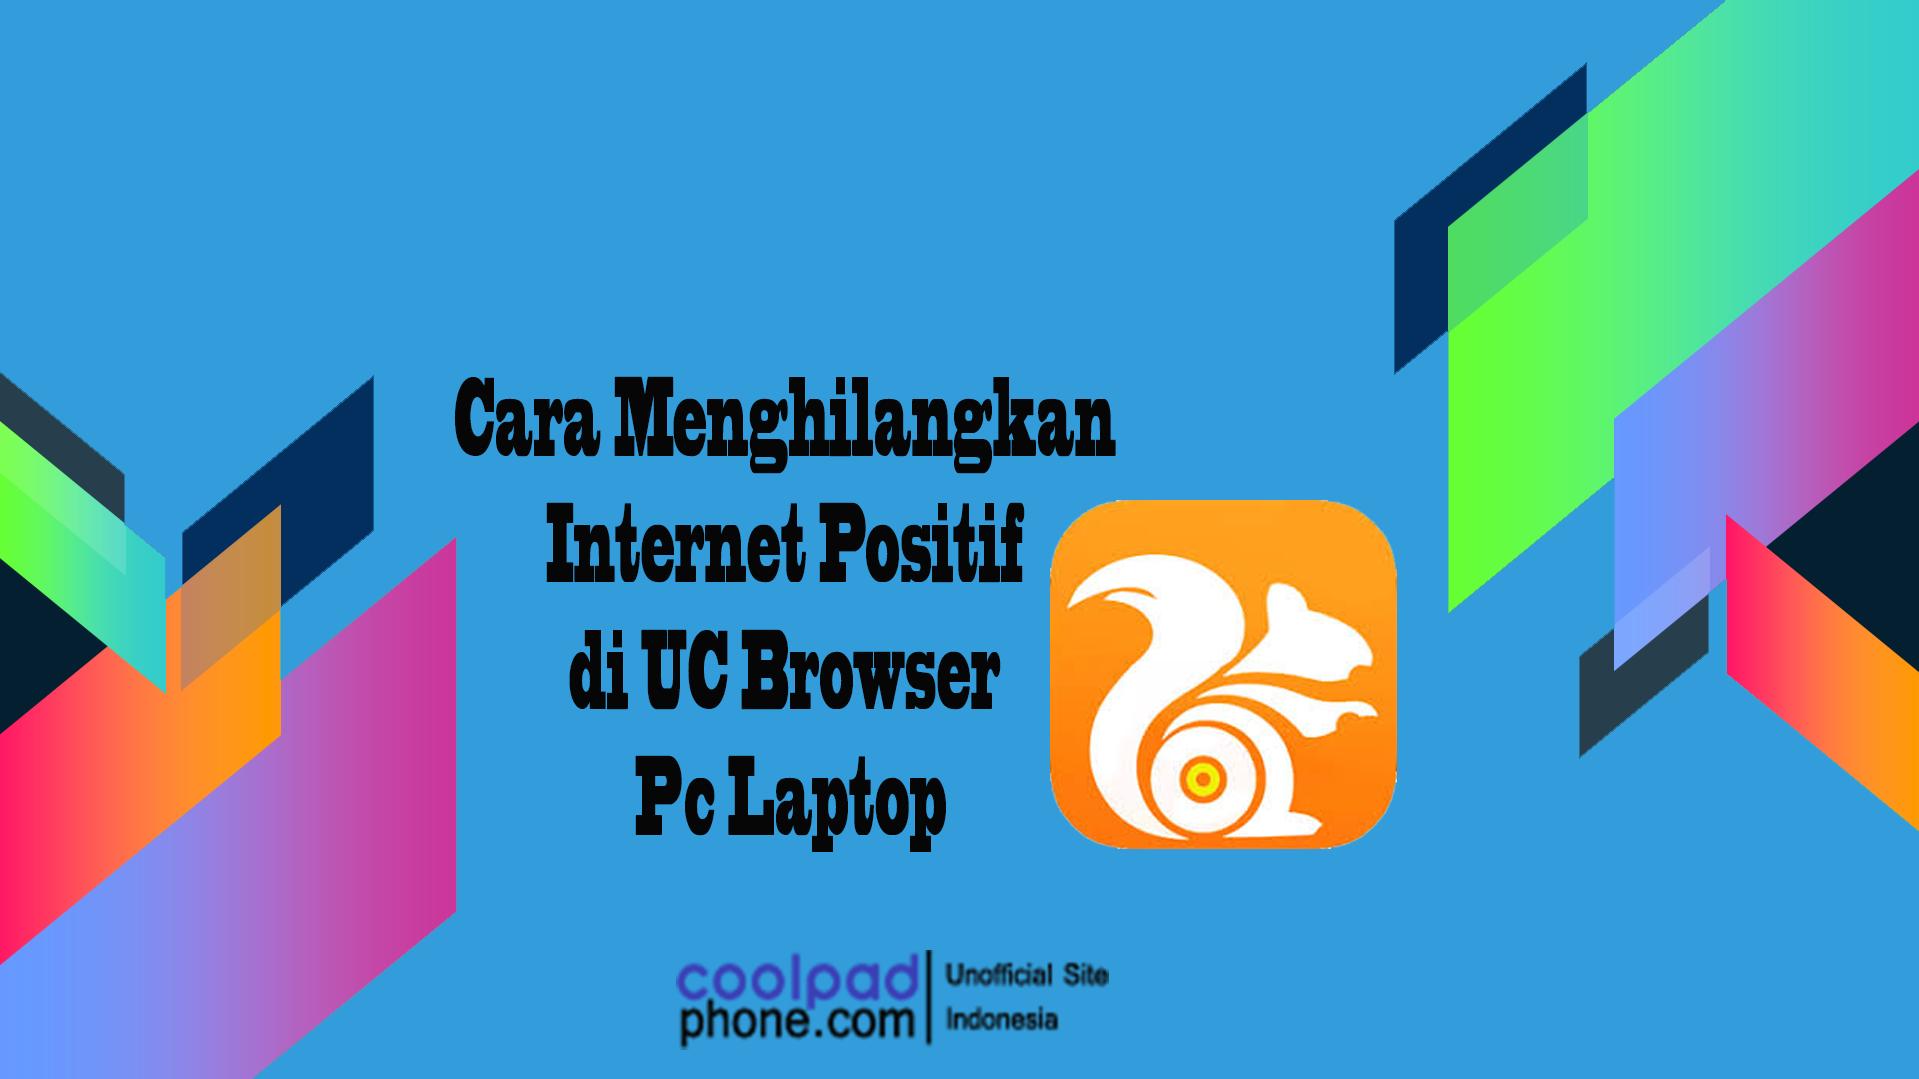 Cara-Menghilangkan-Internet-Positif-di-UC-Browser-Pc-Laptop